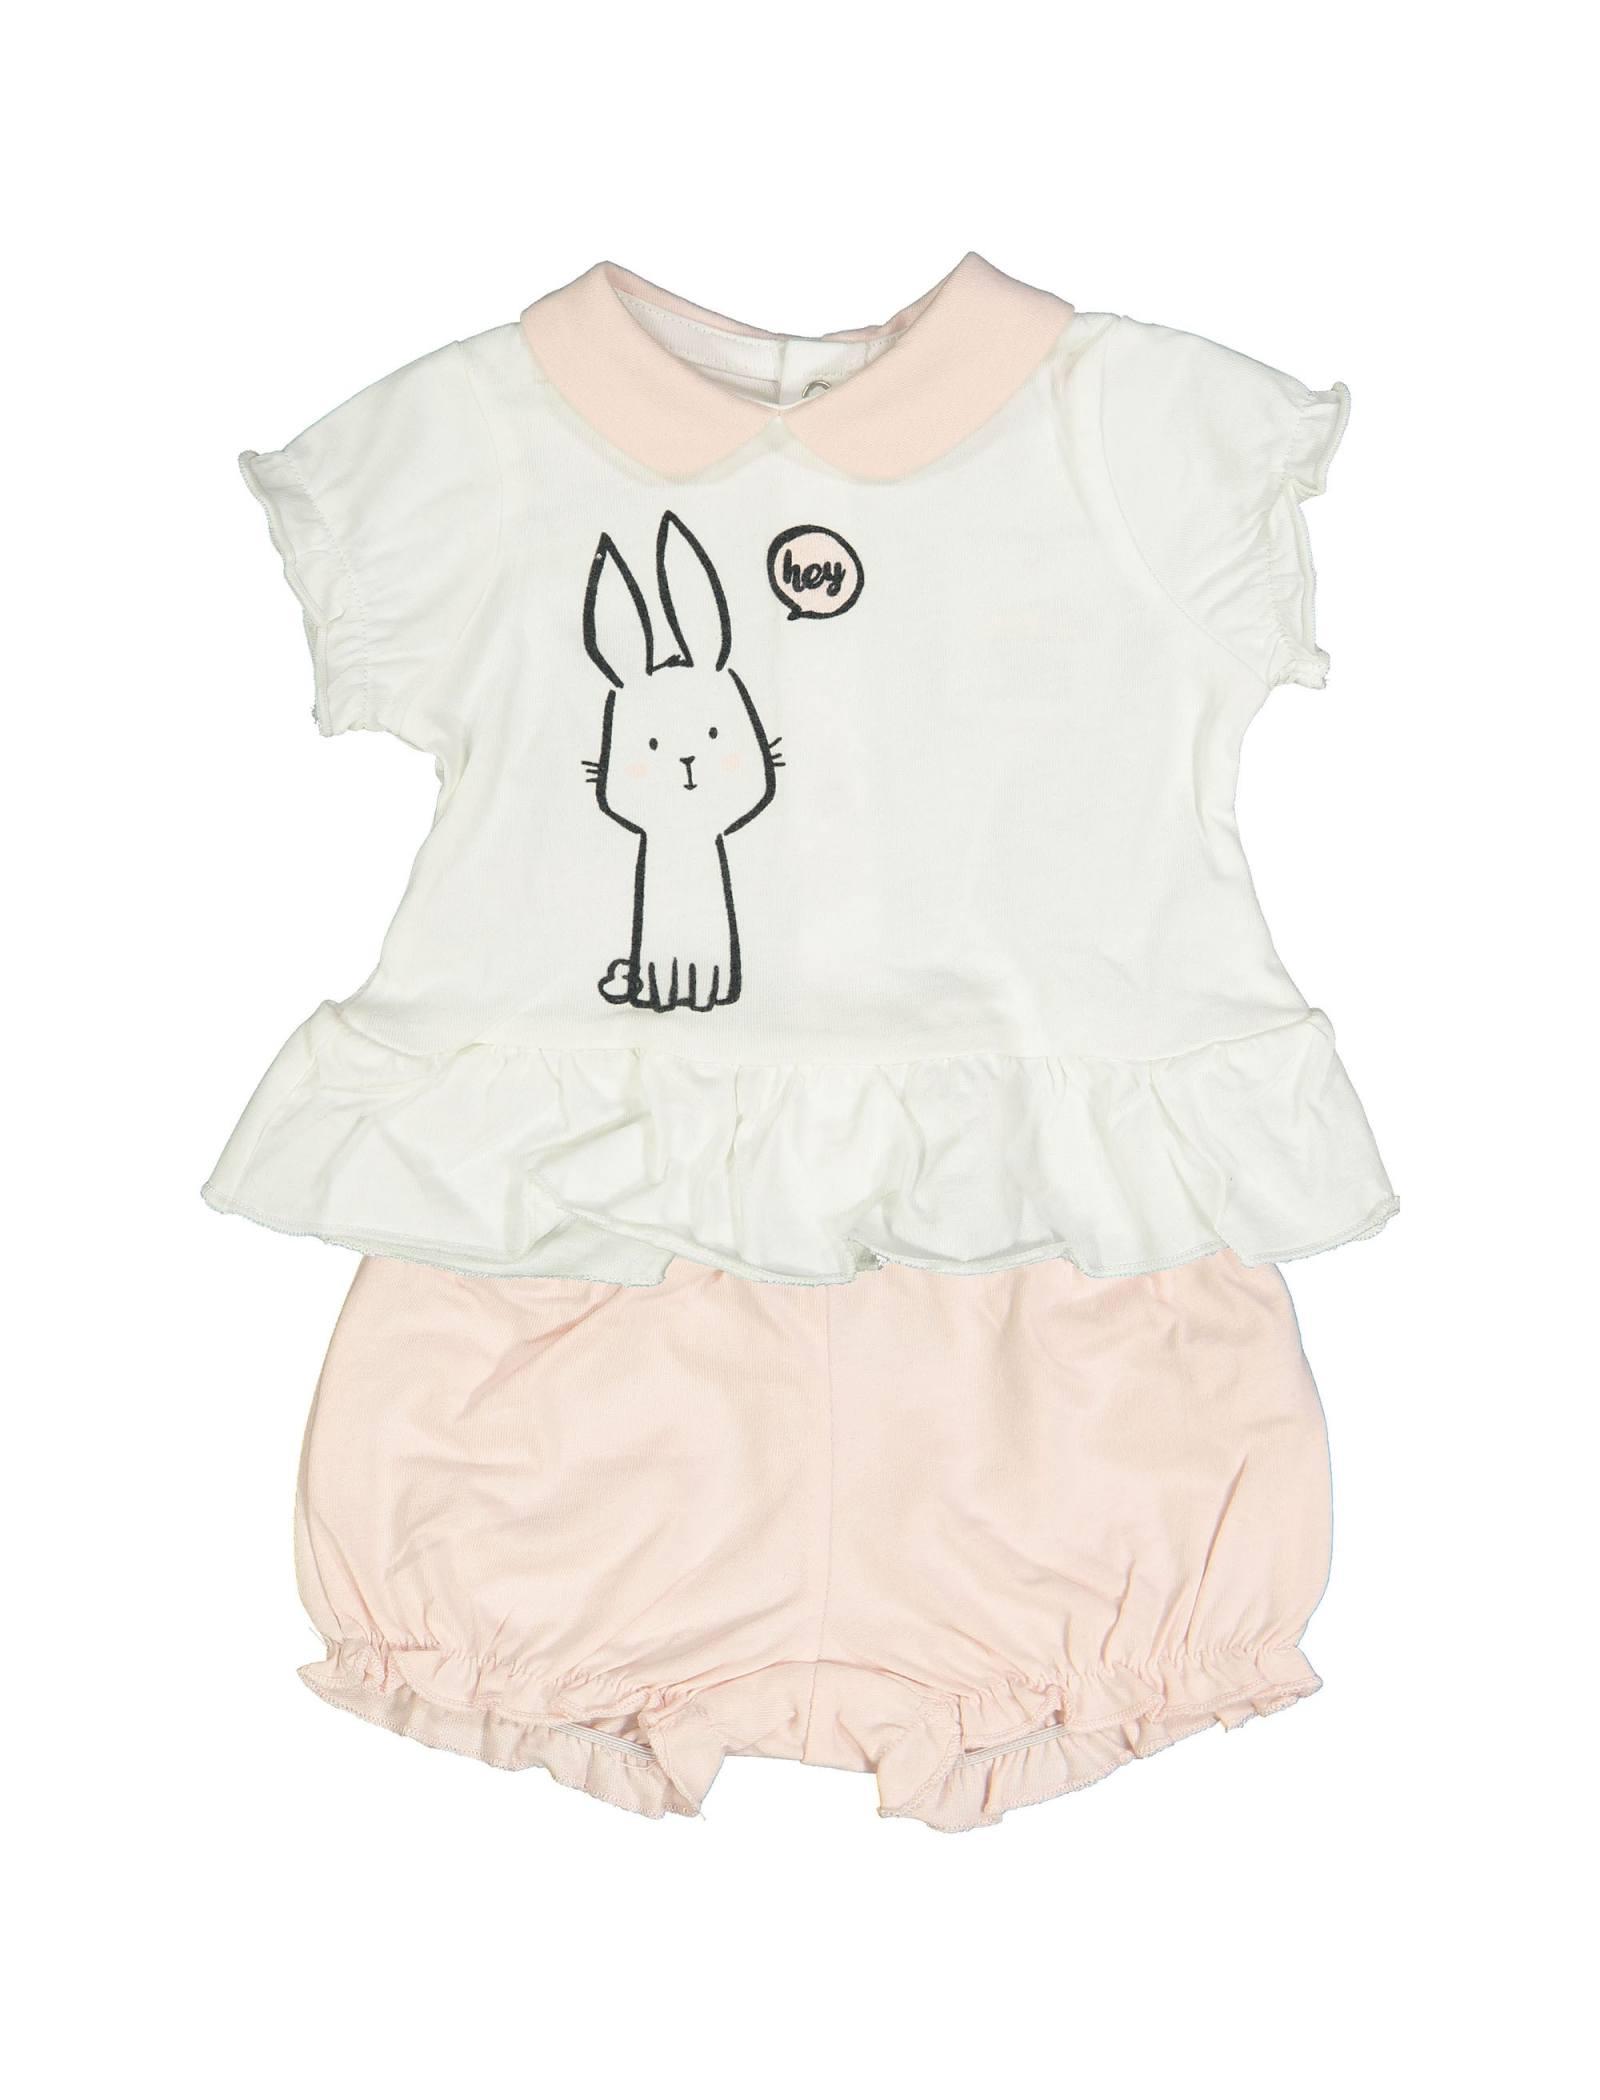 تی شرت و شلوارک نخی نوزادی دخترانه - بلوکیدز - سفيد/صورتي - 1